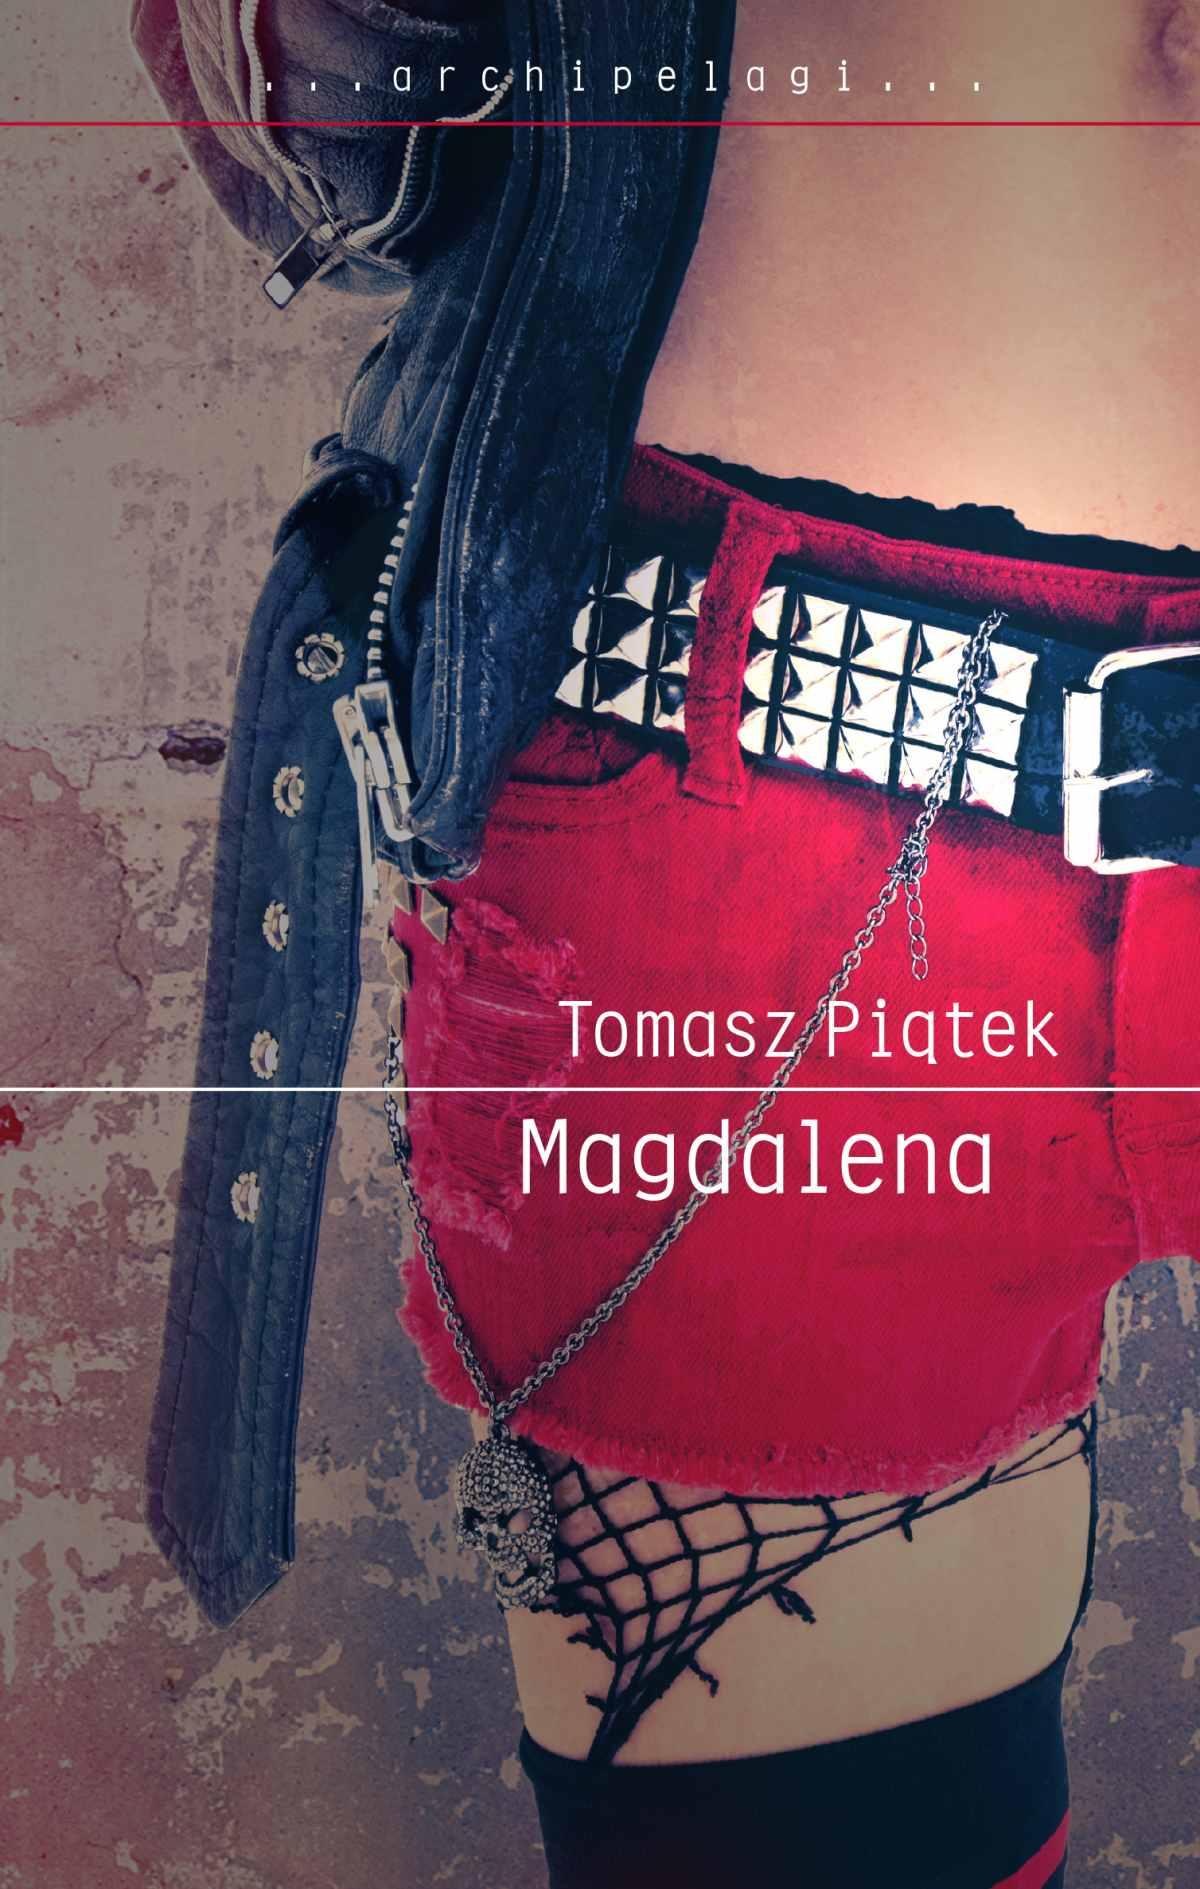 Magdalena - Tylko w Legimi możesz przeczytać ten tytuł przez 7 dni za darmo. - Tomasz Piątek